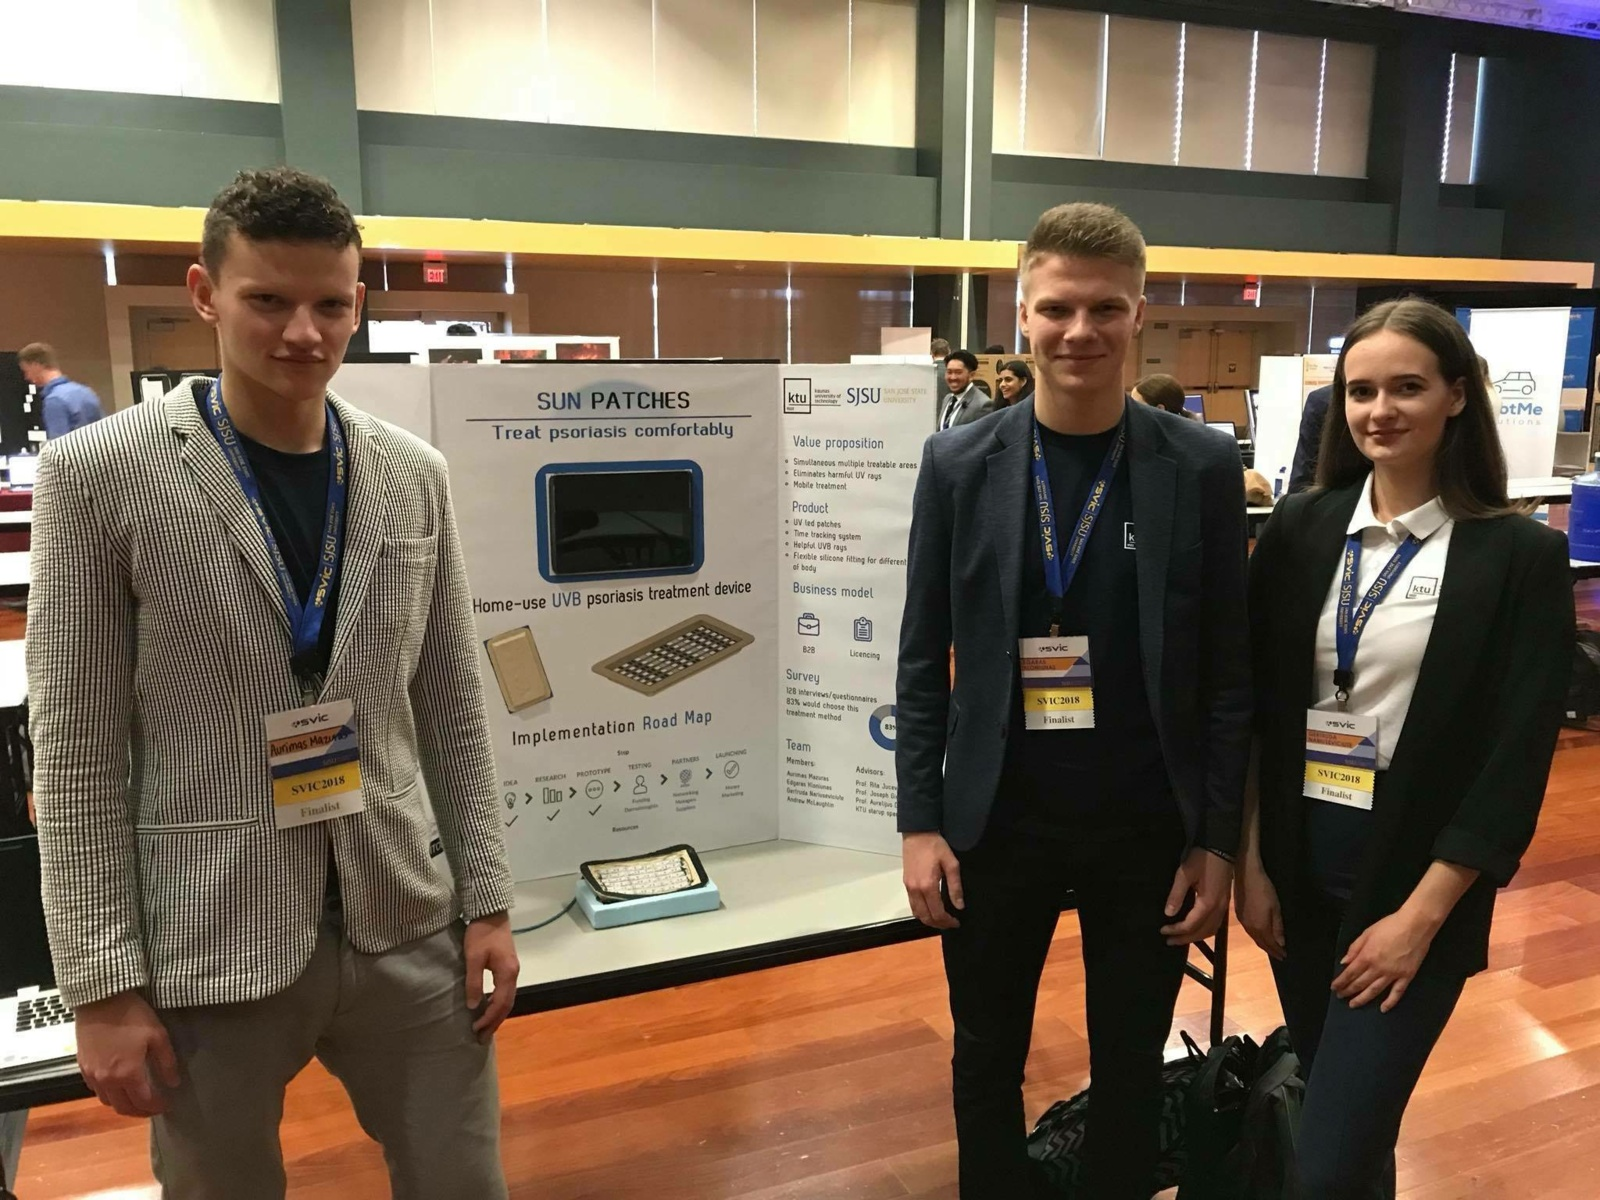 KTU studentai Silicio slėnyje sėkmingai pristatė idėją žvynelinei gydyti